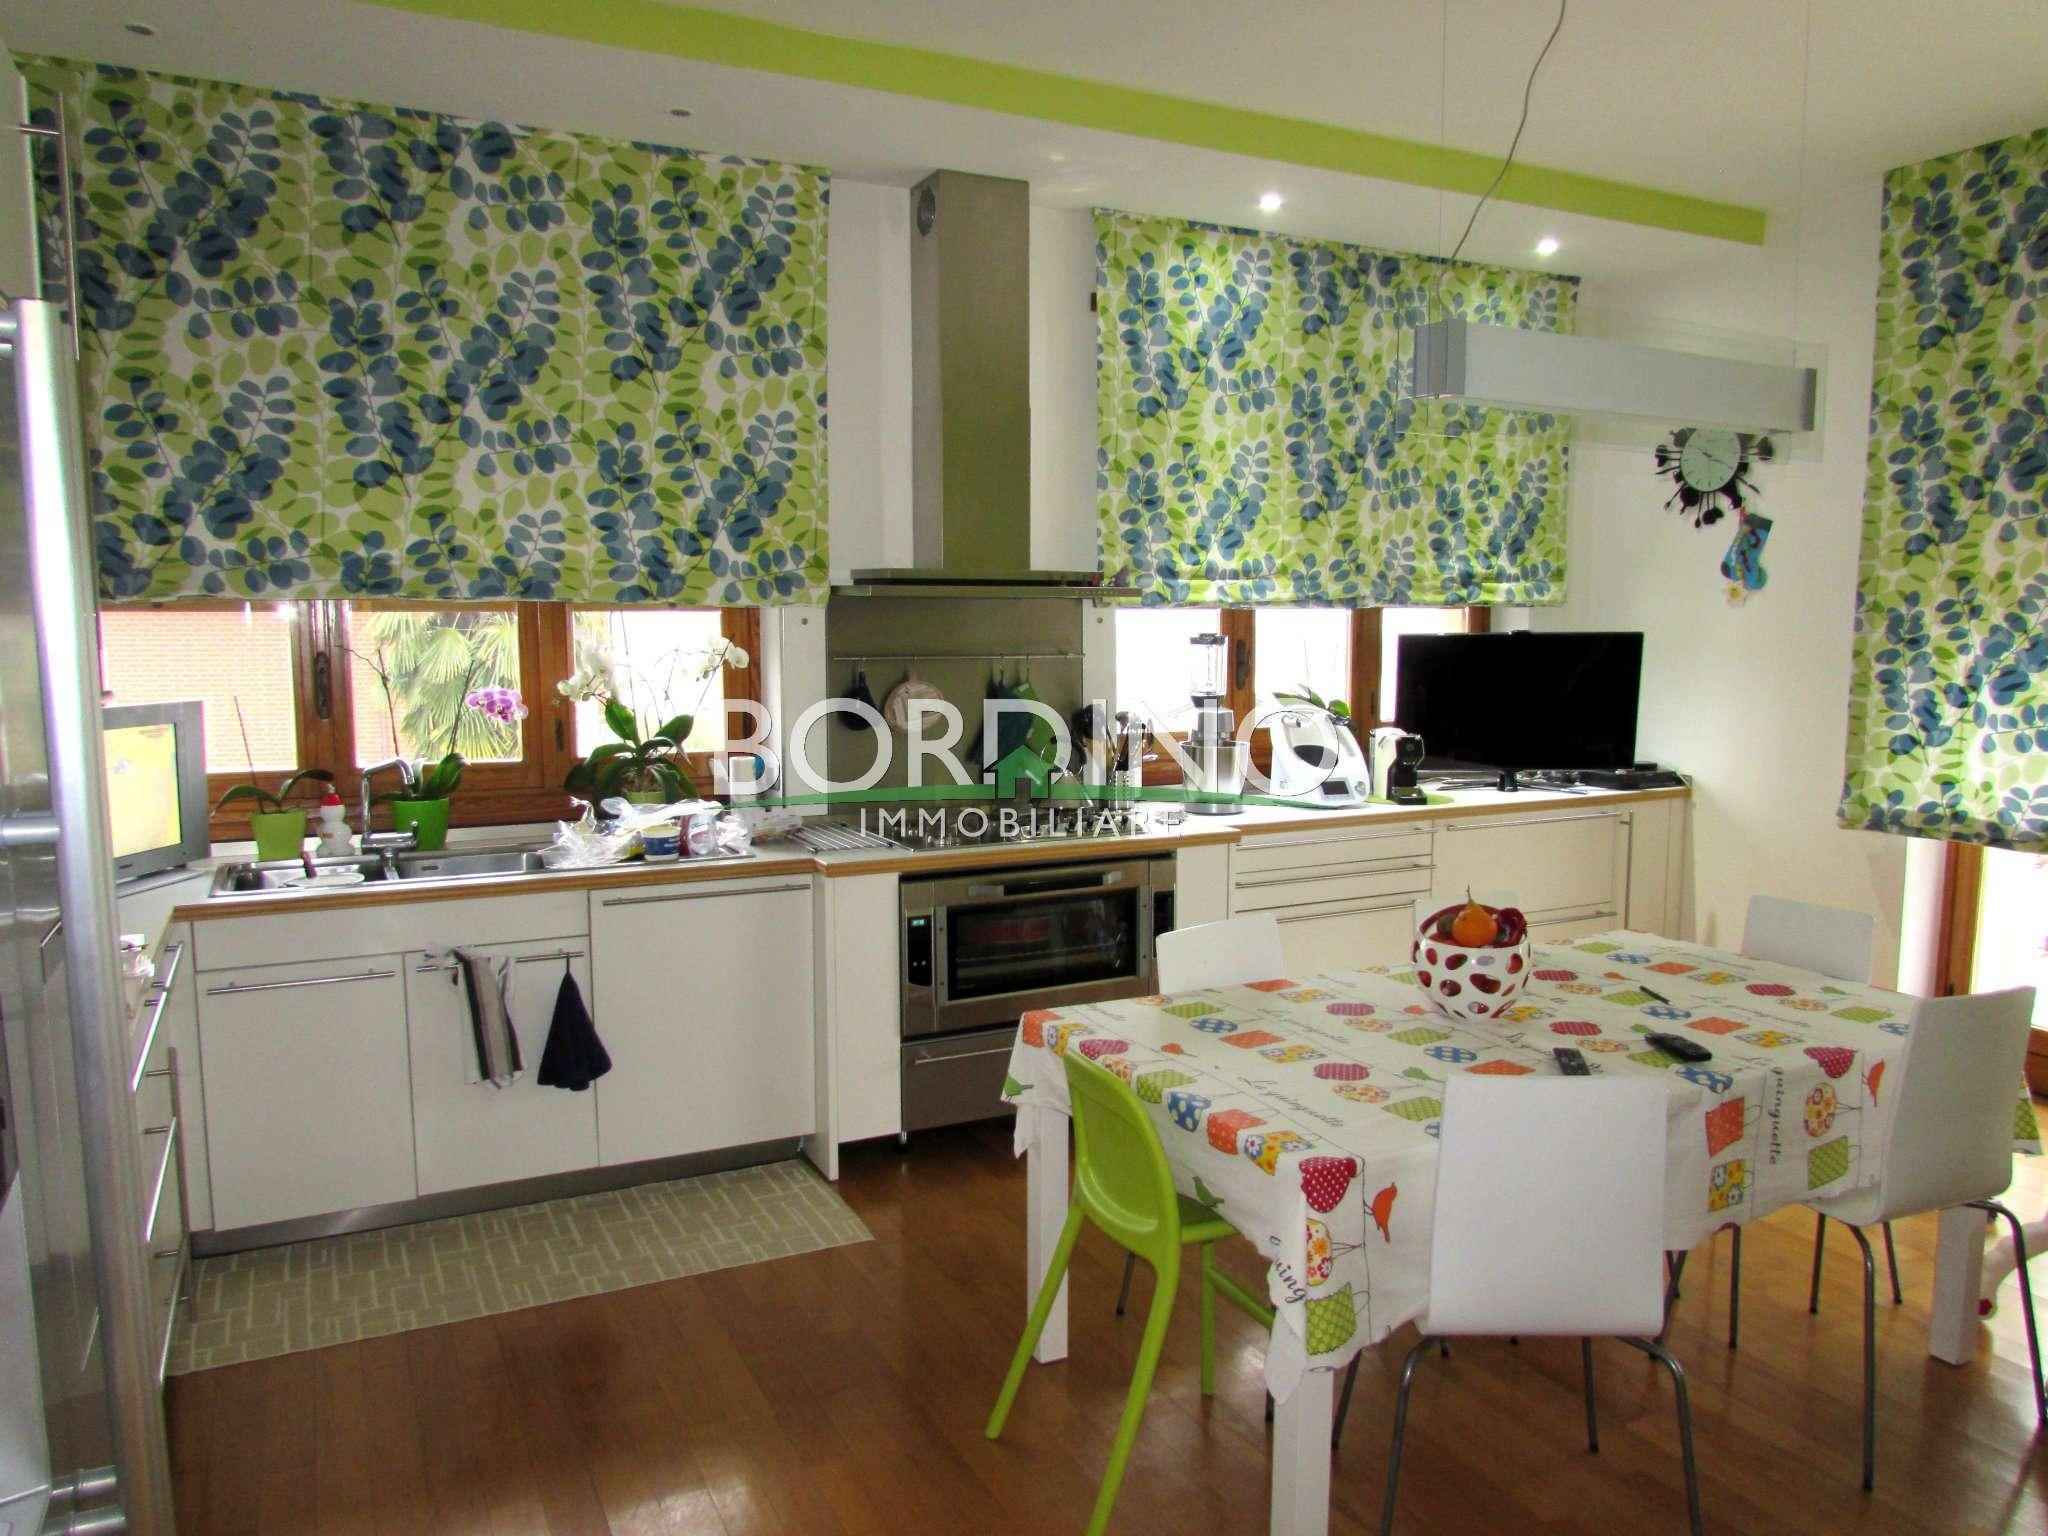 Appartamento in vendita a Sommariva Perno, 6 locali, prezzo € 165.000 | CambioCasa.it